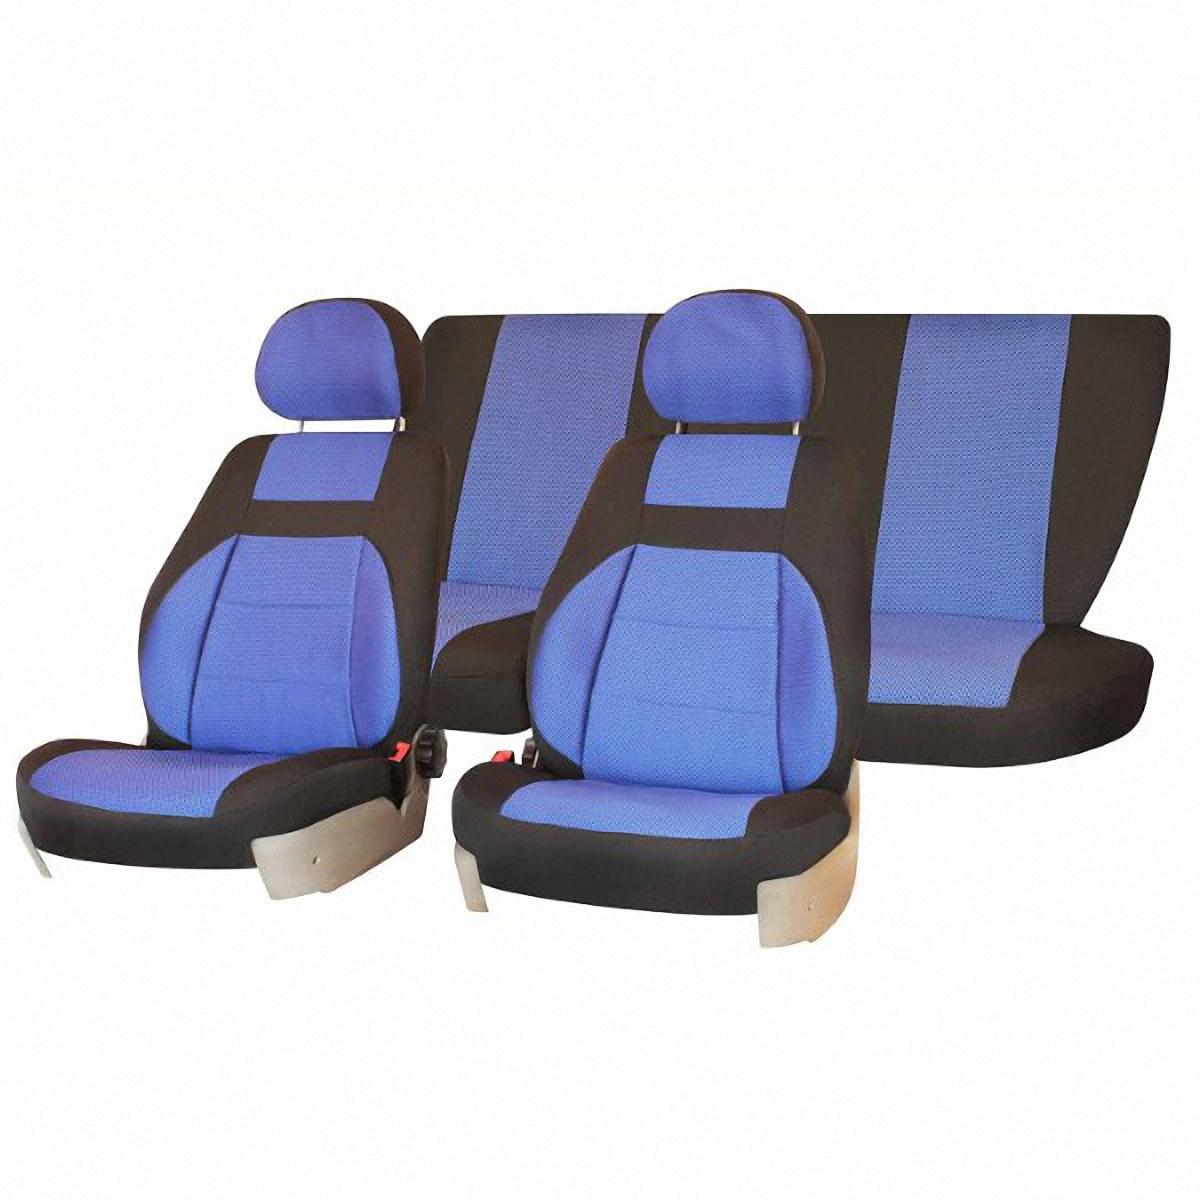 Чехлы автомобильные Skyway, для Lada Priora, седан, цвет: синий, черныйV005-D4Автомобильные чехлы Skyway изготовлены из качественного жаккарда. Чехлы идеально повторяют штатную форму сидений и выглядят как оригинальная обивка сидений. Разработаны индивидуально для каждой модели автомобиля. Авточехлы Skyway просты в уходе - загрязнения легко удаляются влажной тканью. Чехлы имеют раздельную схему надевания. В комплекте 12 предметов.